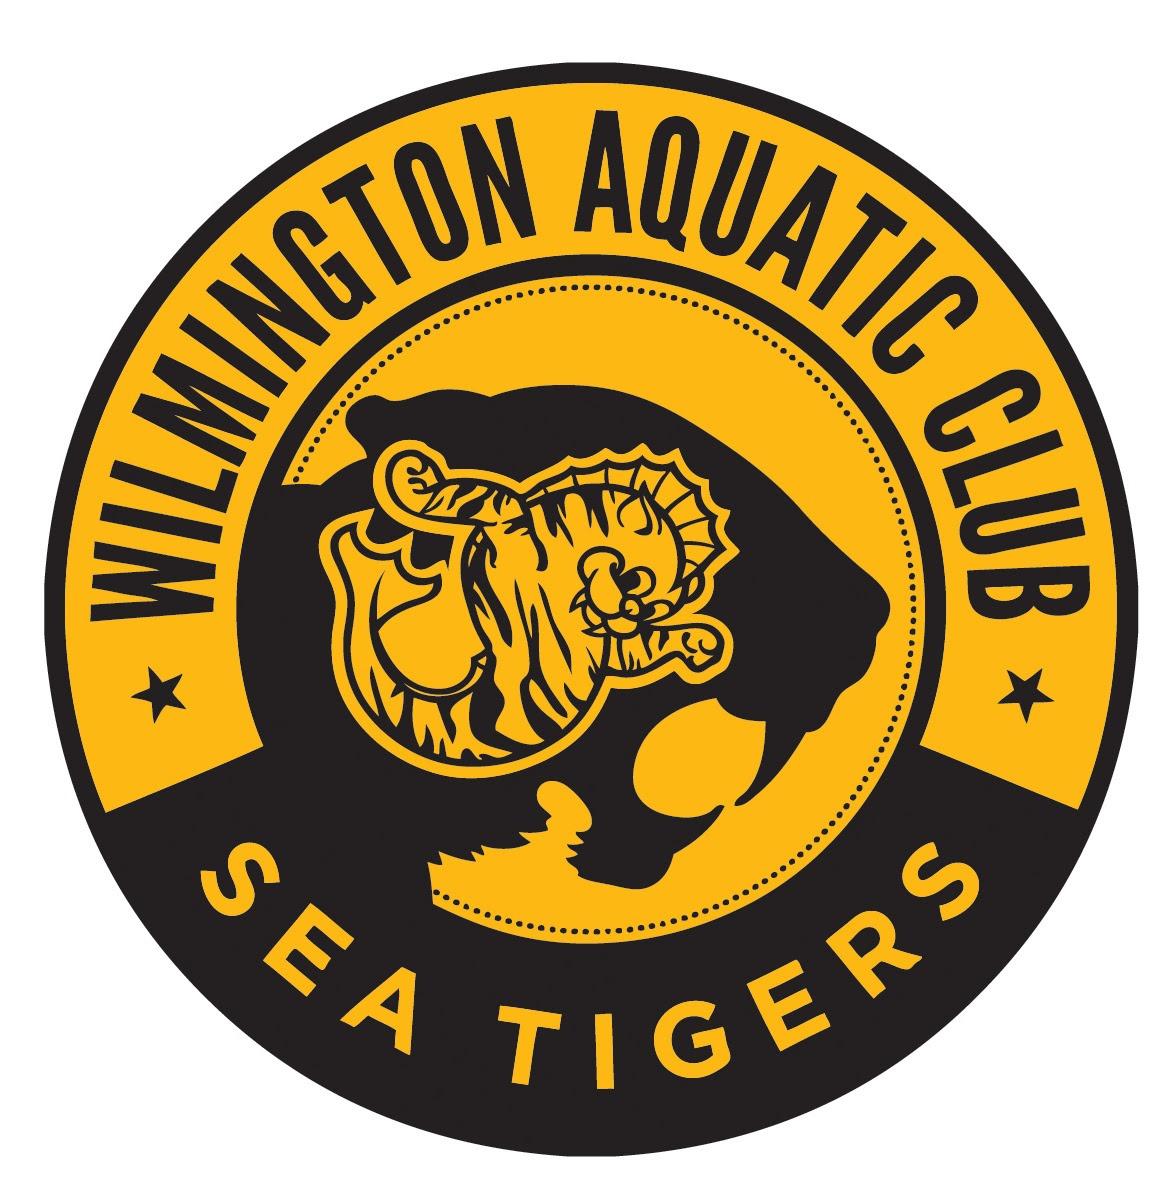 Wilmington Aquatic Club logo